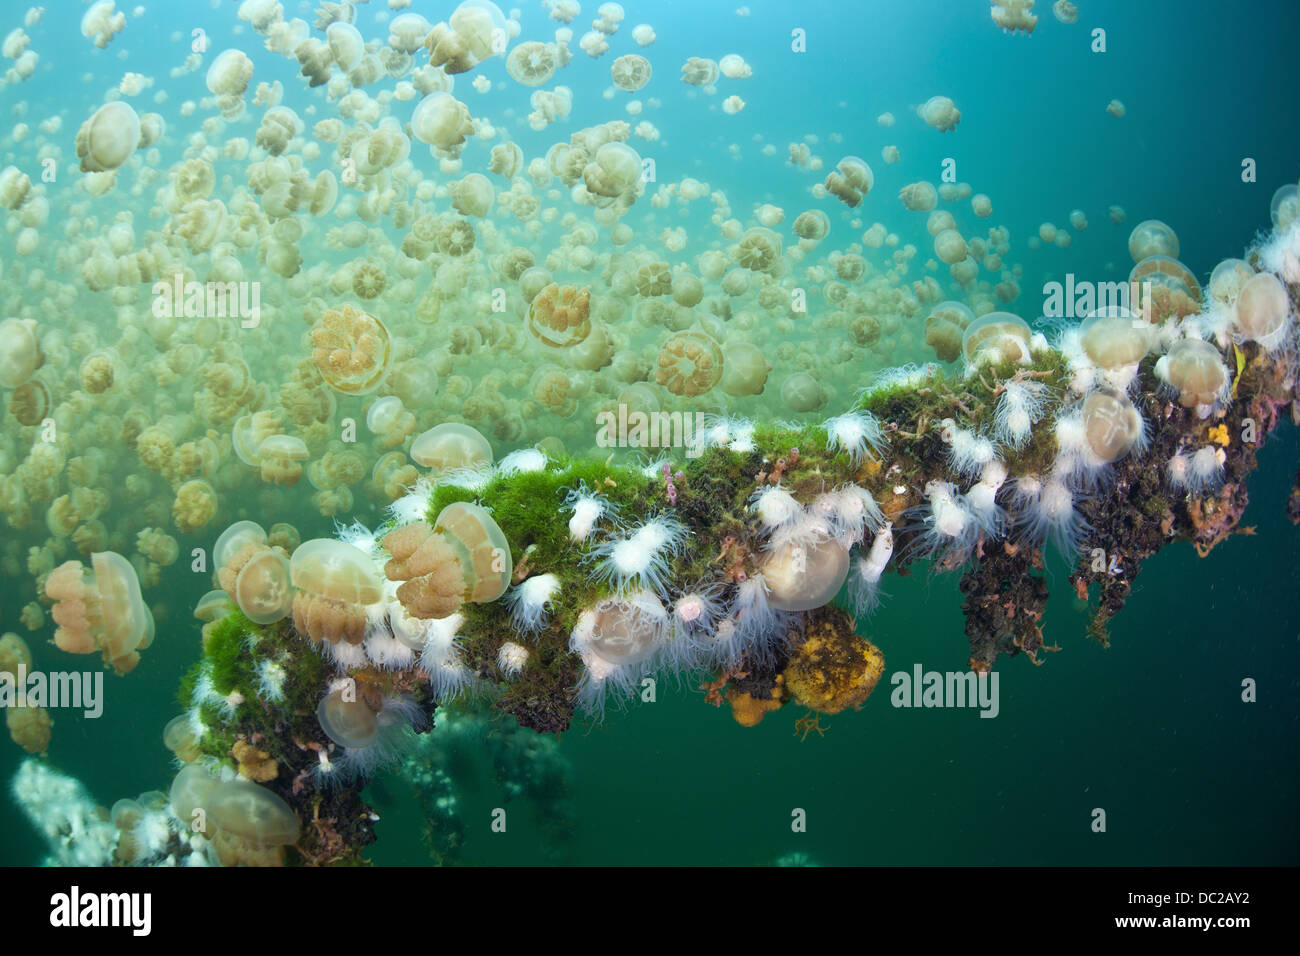 Endemic Anemones feeding on Mastigias Jellyfish, Entacmaea medusivora, Mastigias papua etpisonii, Micronesia, Palau Stock Photo